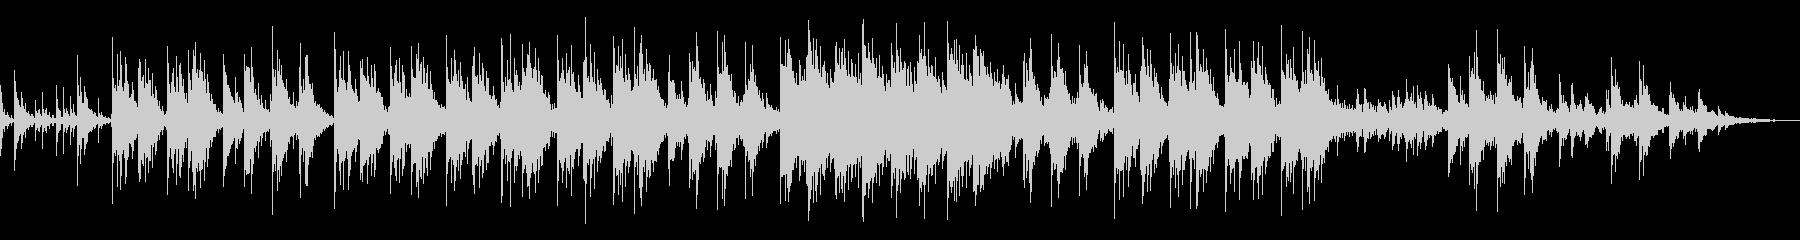 穏やかなアコギBGMの未再生の波形